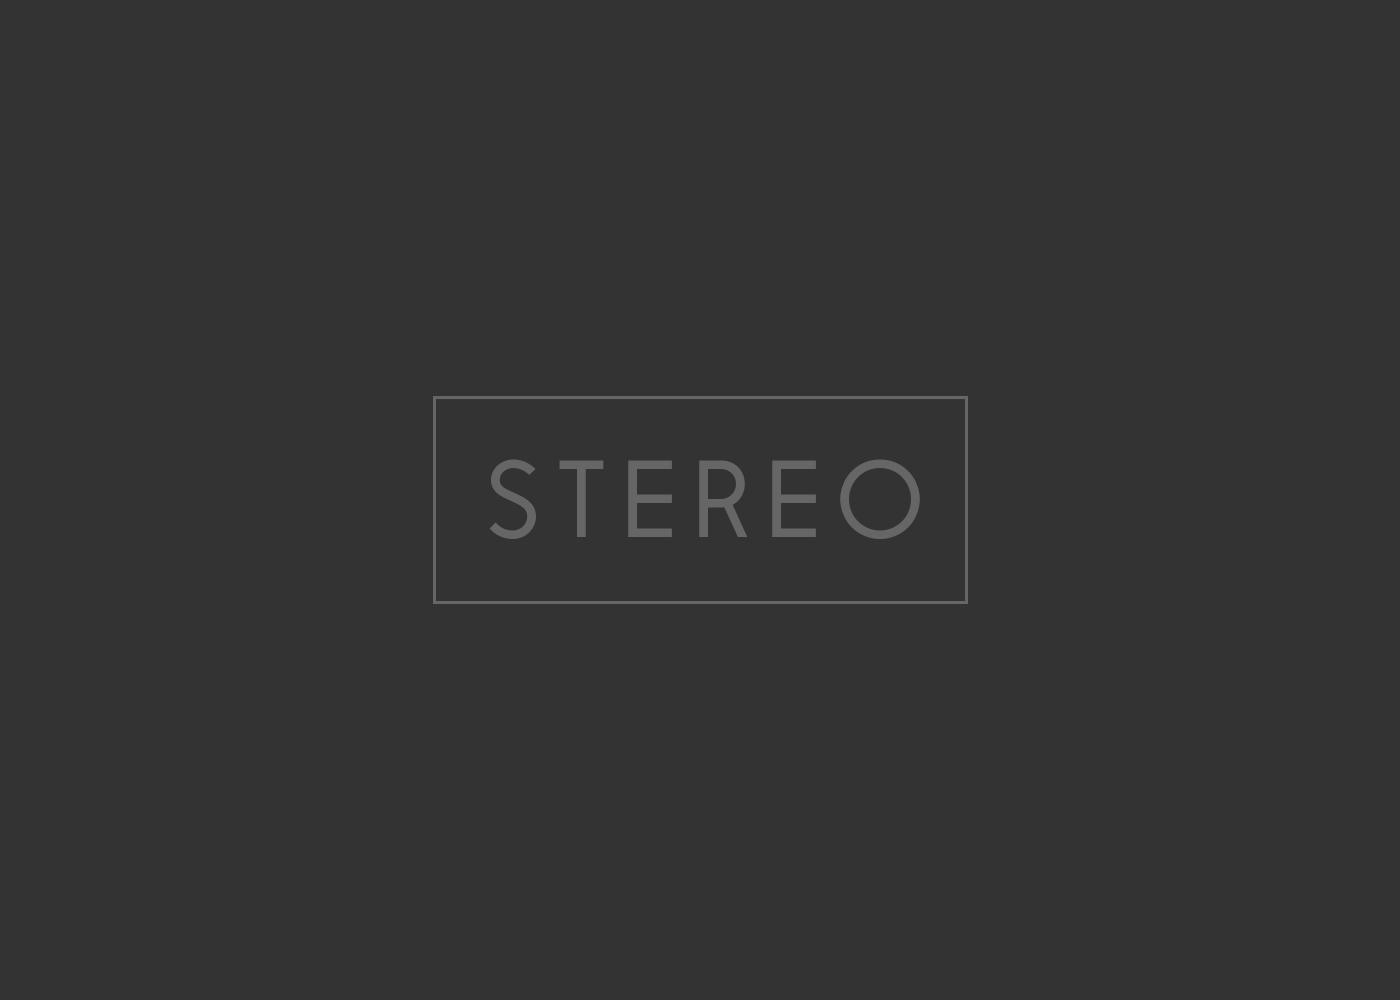 Stereo_Website_1.jpg